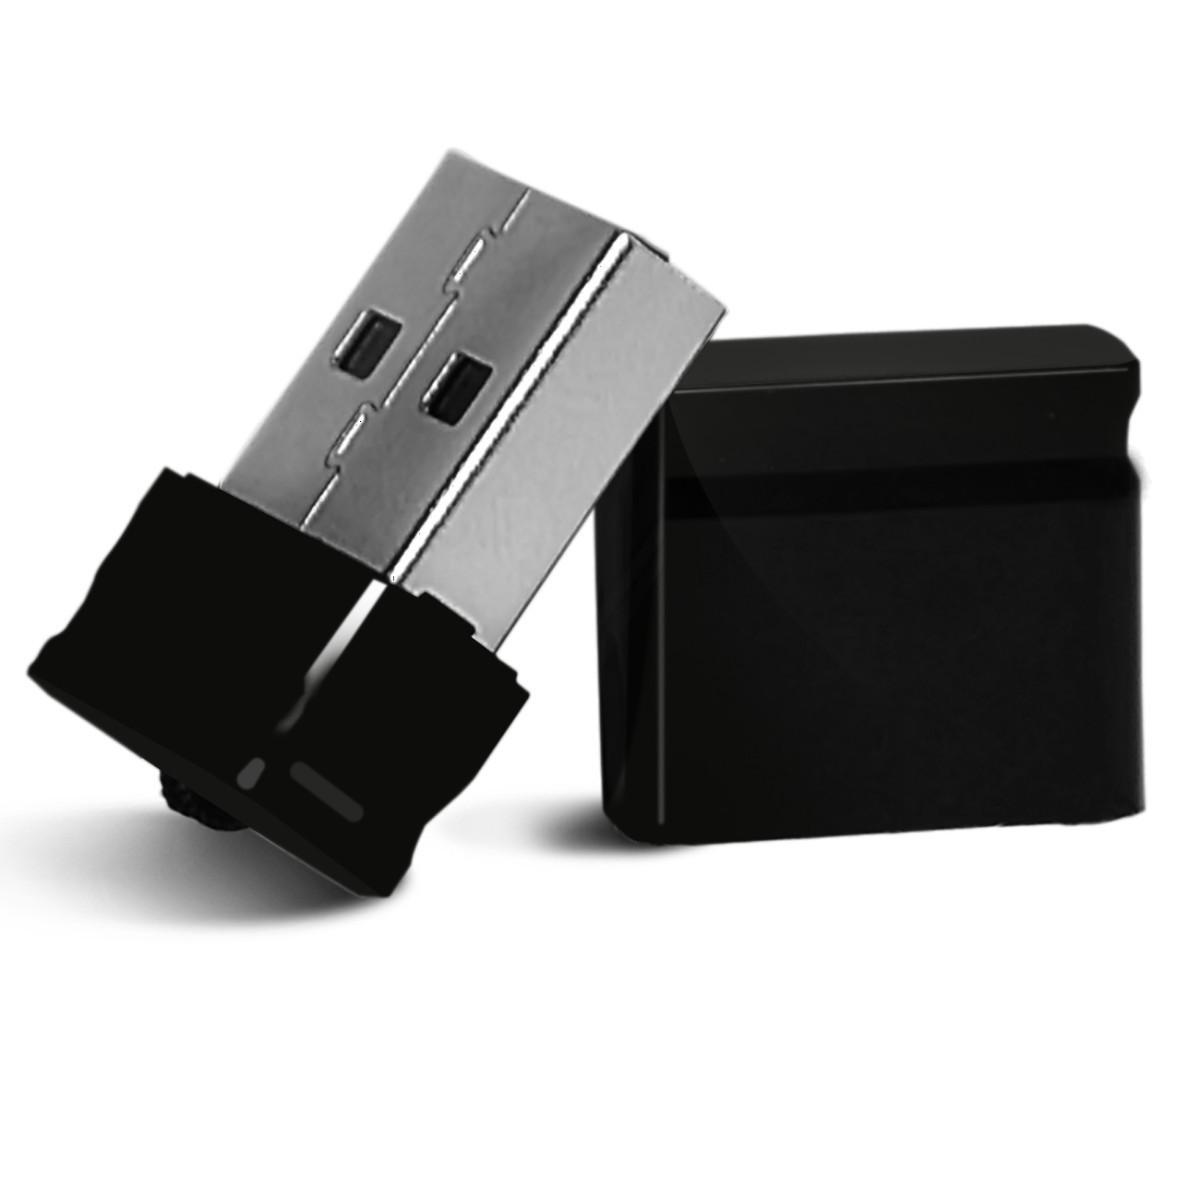 PENDRIVE NANO 32GB PRETO MULTILASER PD055